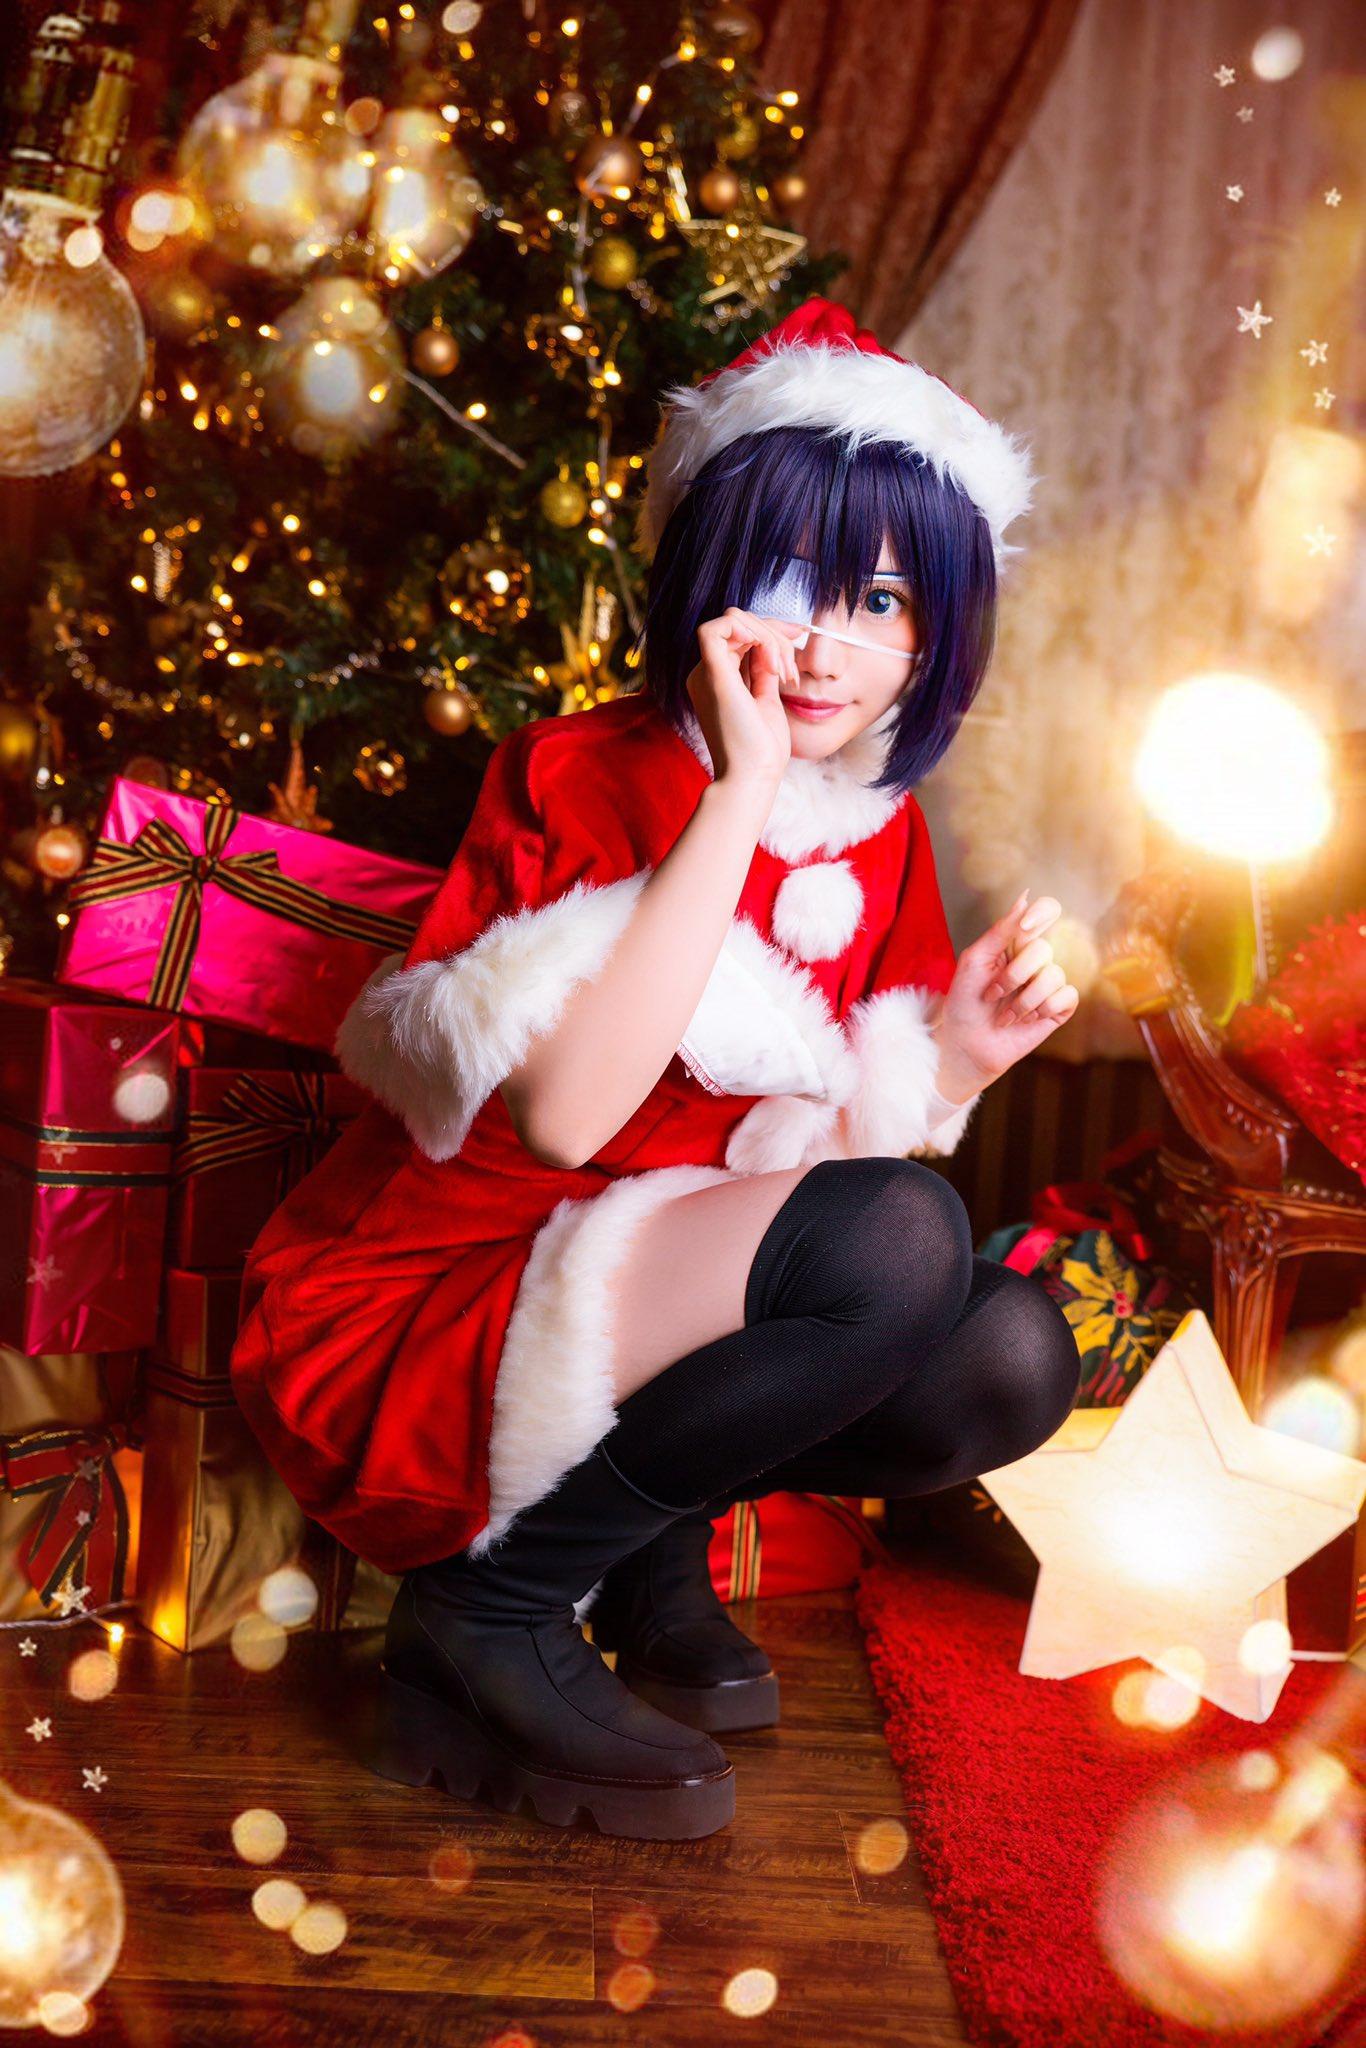 画像,【小鳥遊六花/中二病でも恋がしたい!】🎁🖤✟ Merry X'mas ✟🎄🌟photo:クロガネ#真喩photo https://t.co/0BLiF…